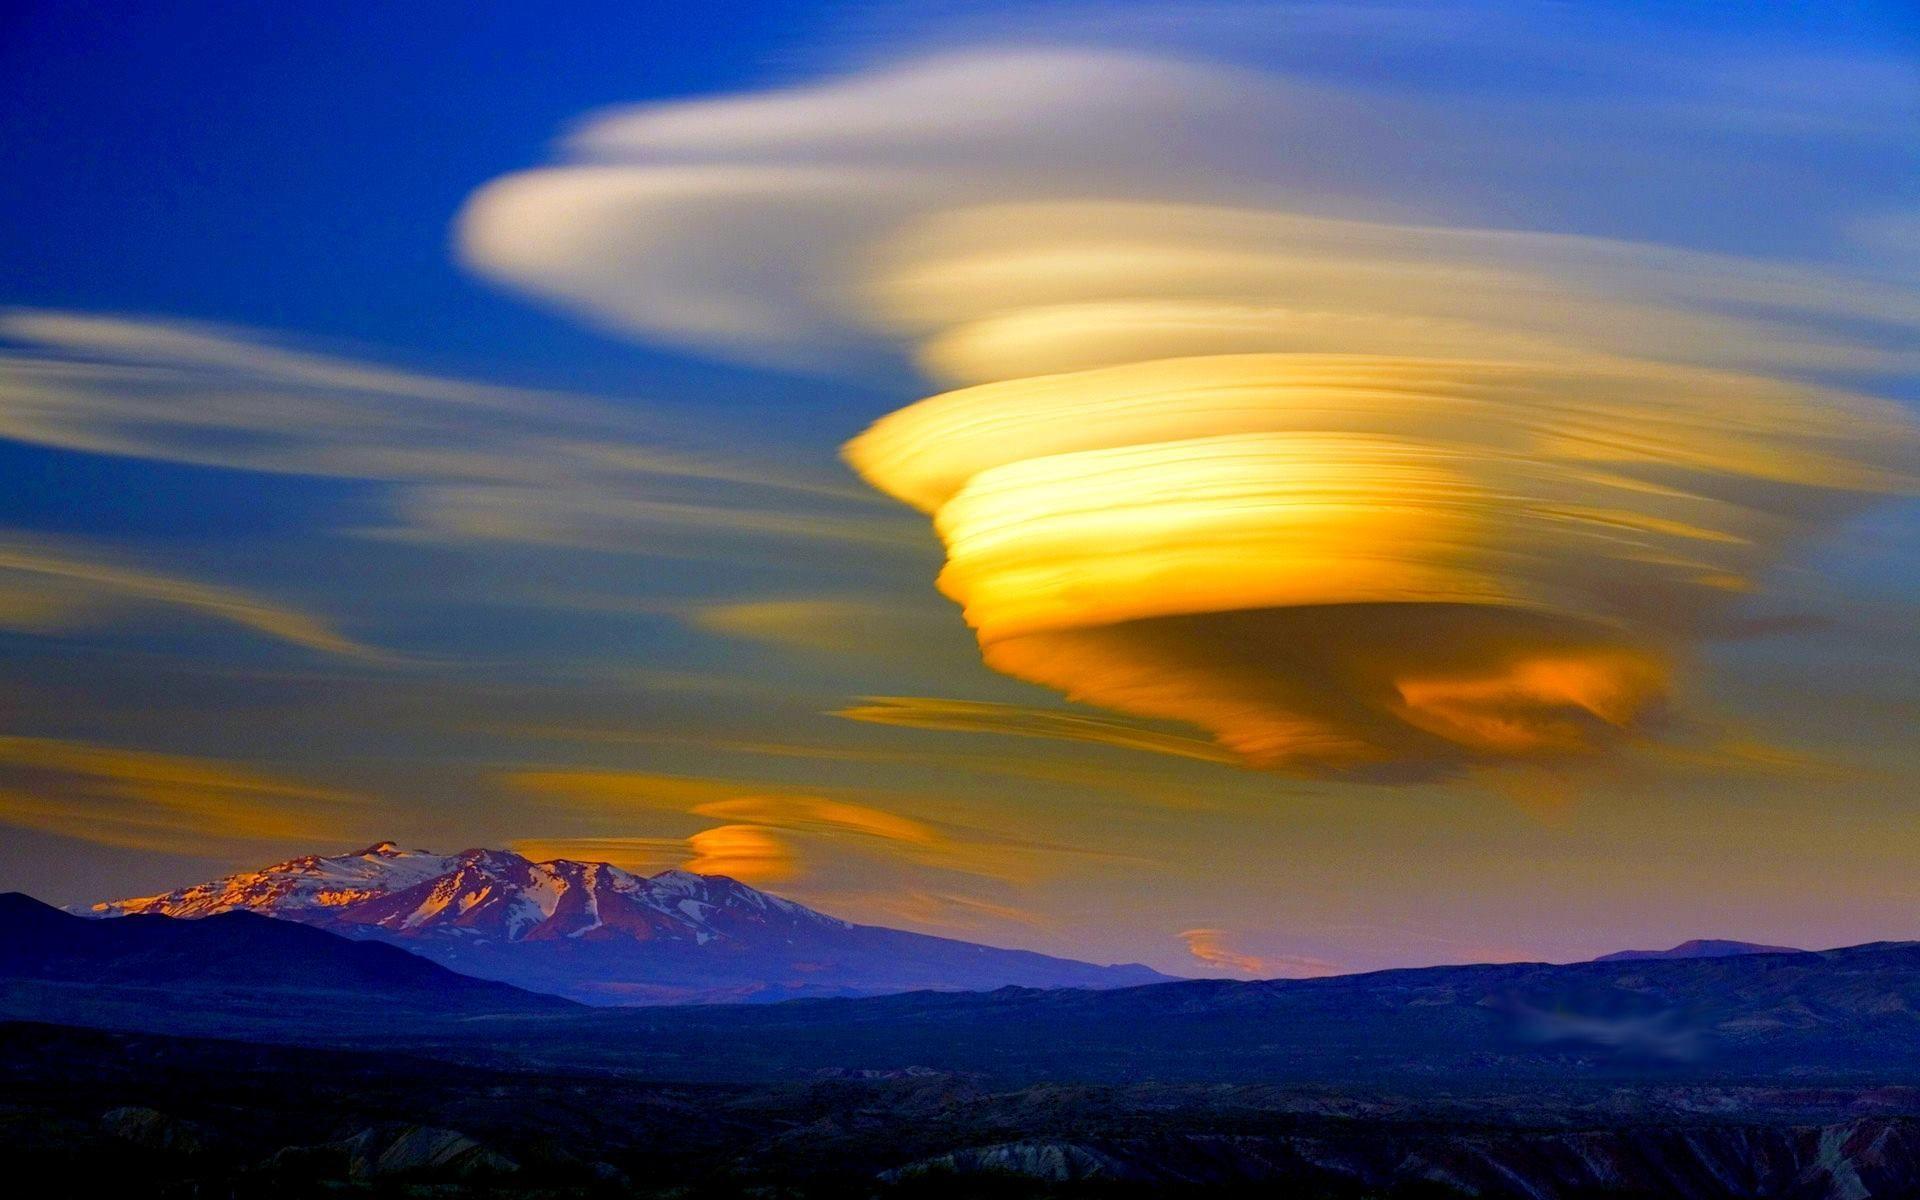 nubes lenticulares -